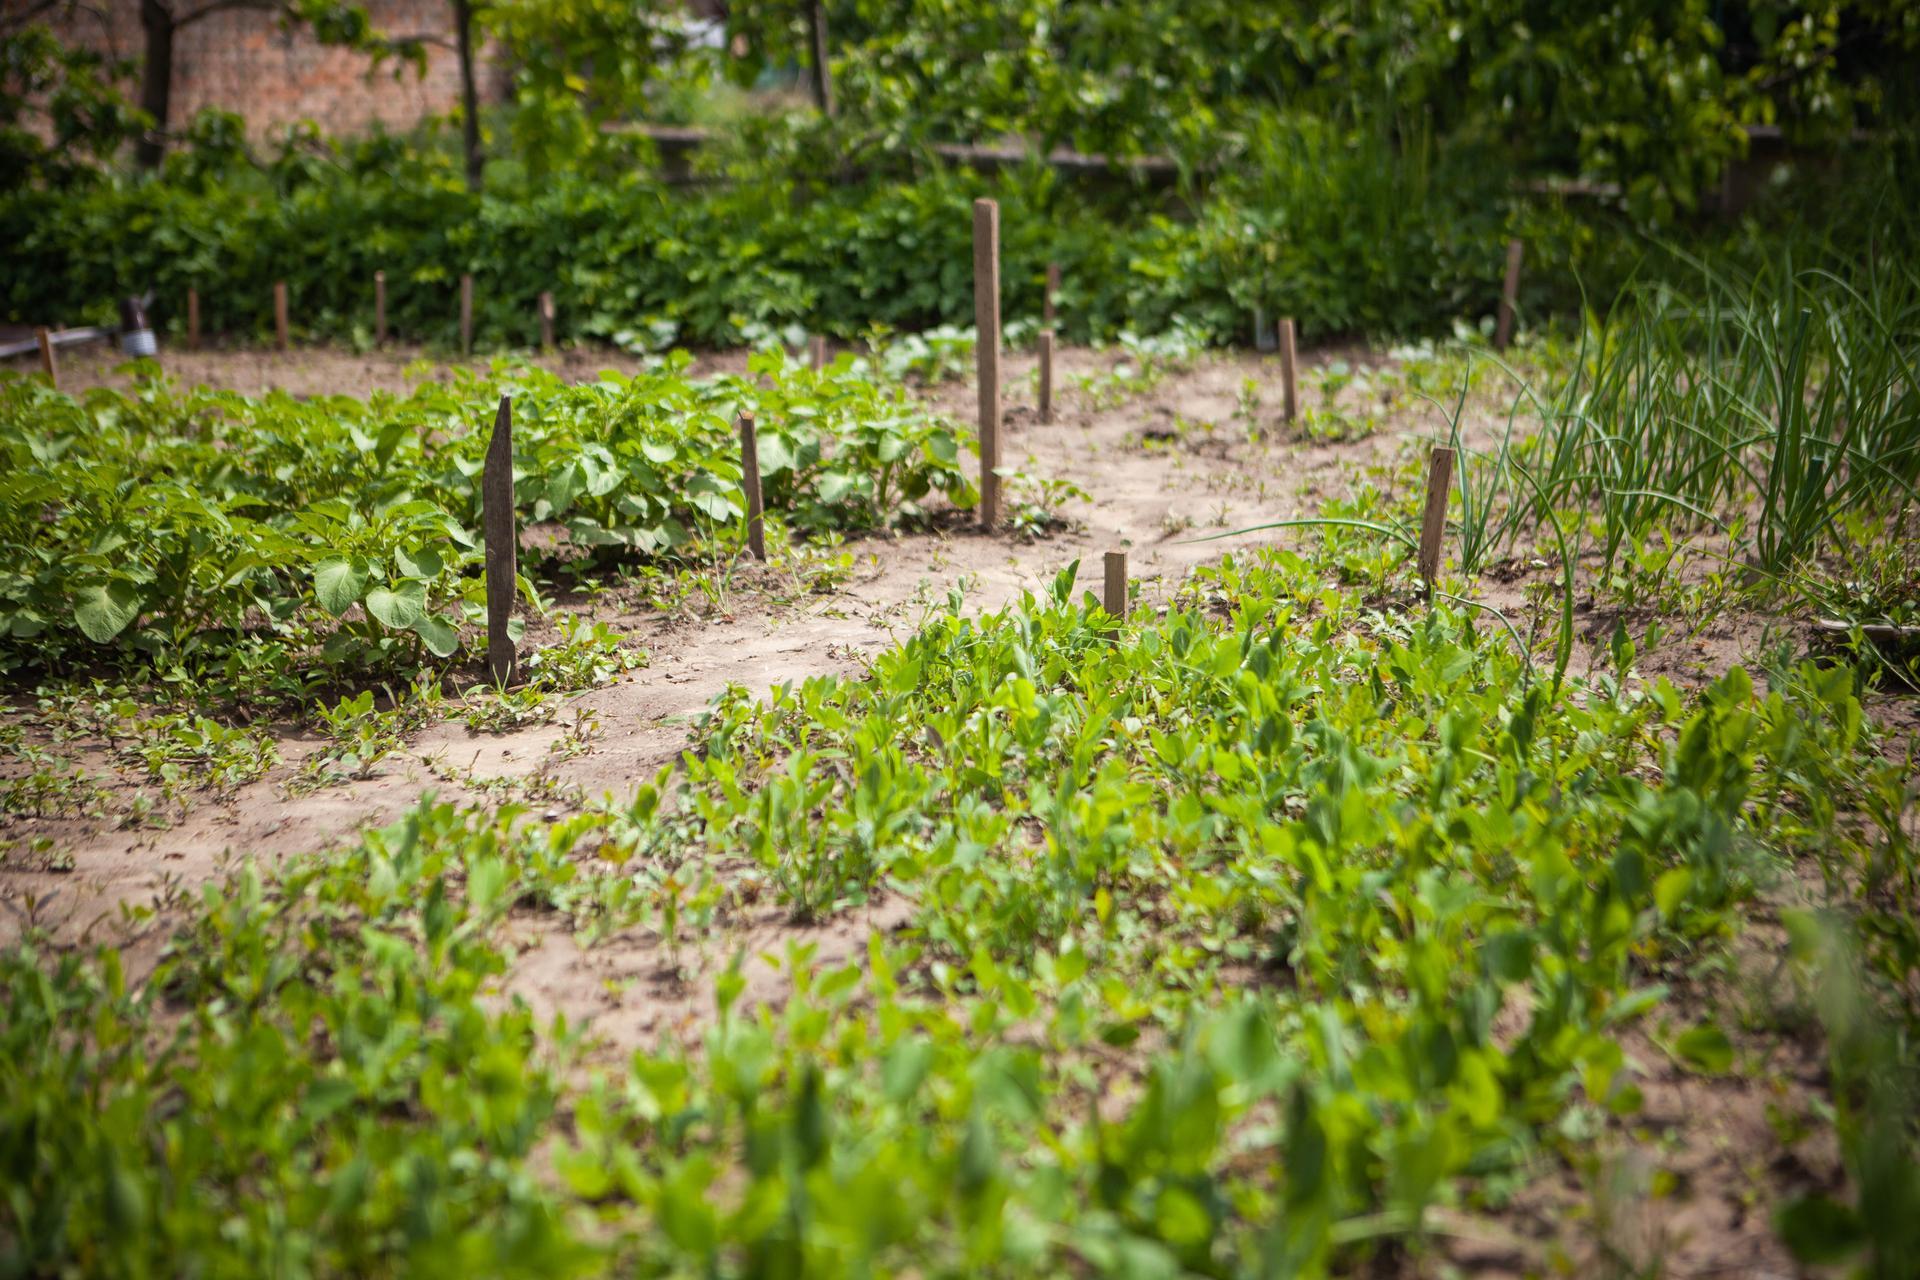 U nas v zahrade v roku 2021 - hrasok, cibula, zemiaky, brokolica, cvikla.... je toho dost :)